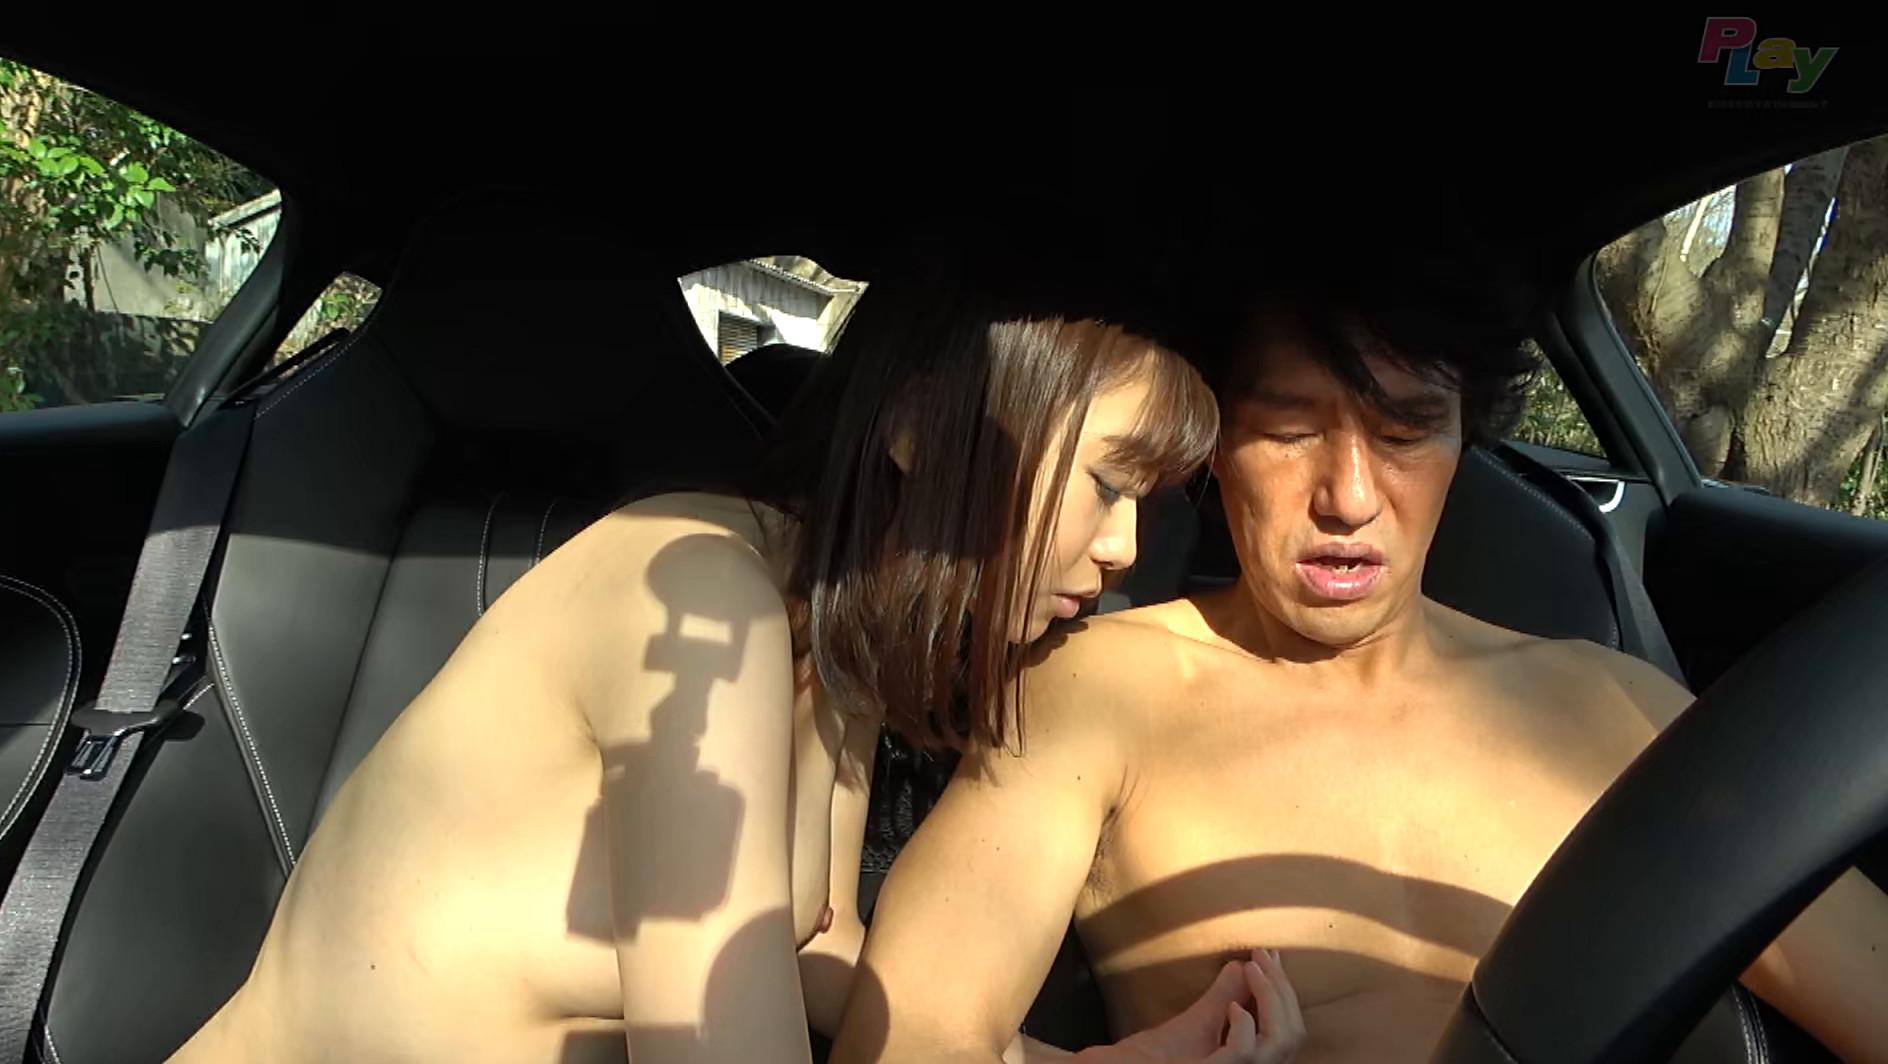 極上美女と愉しむ高級カーセックス HIGH END CAR SEX 黒川すみれ/希のぞみ,のサンプル画像14